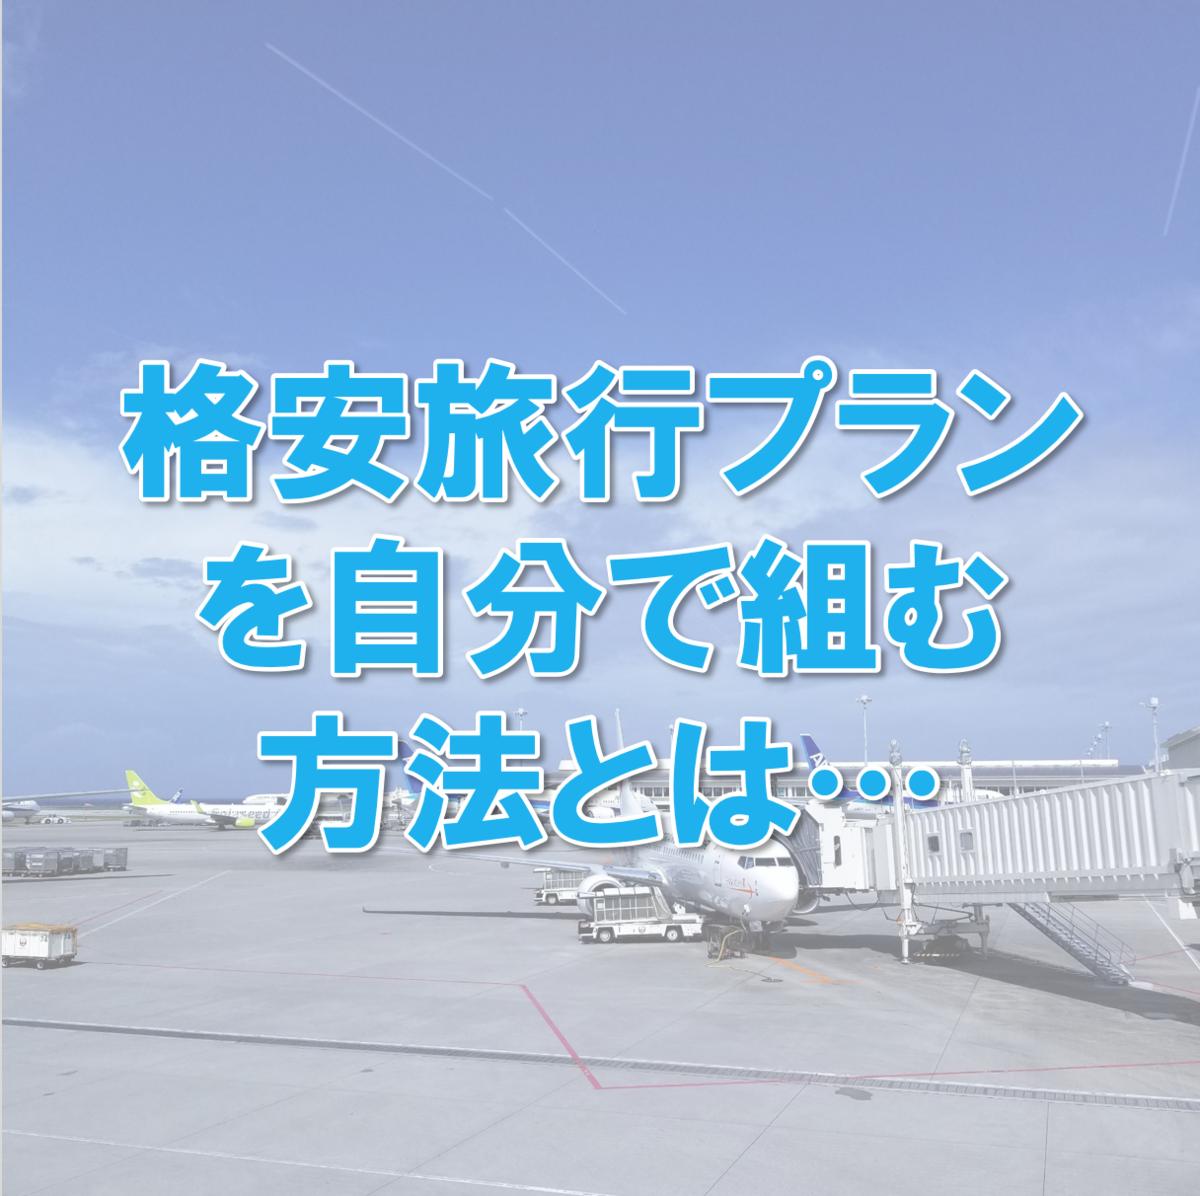 f:id:traveller-taichi:20190423212317p:plain